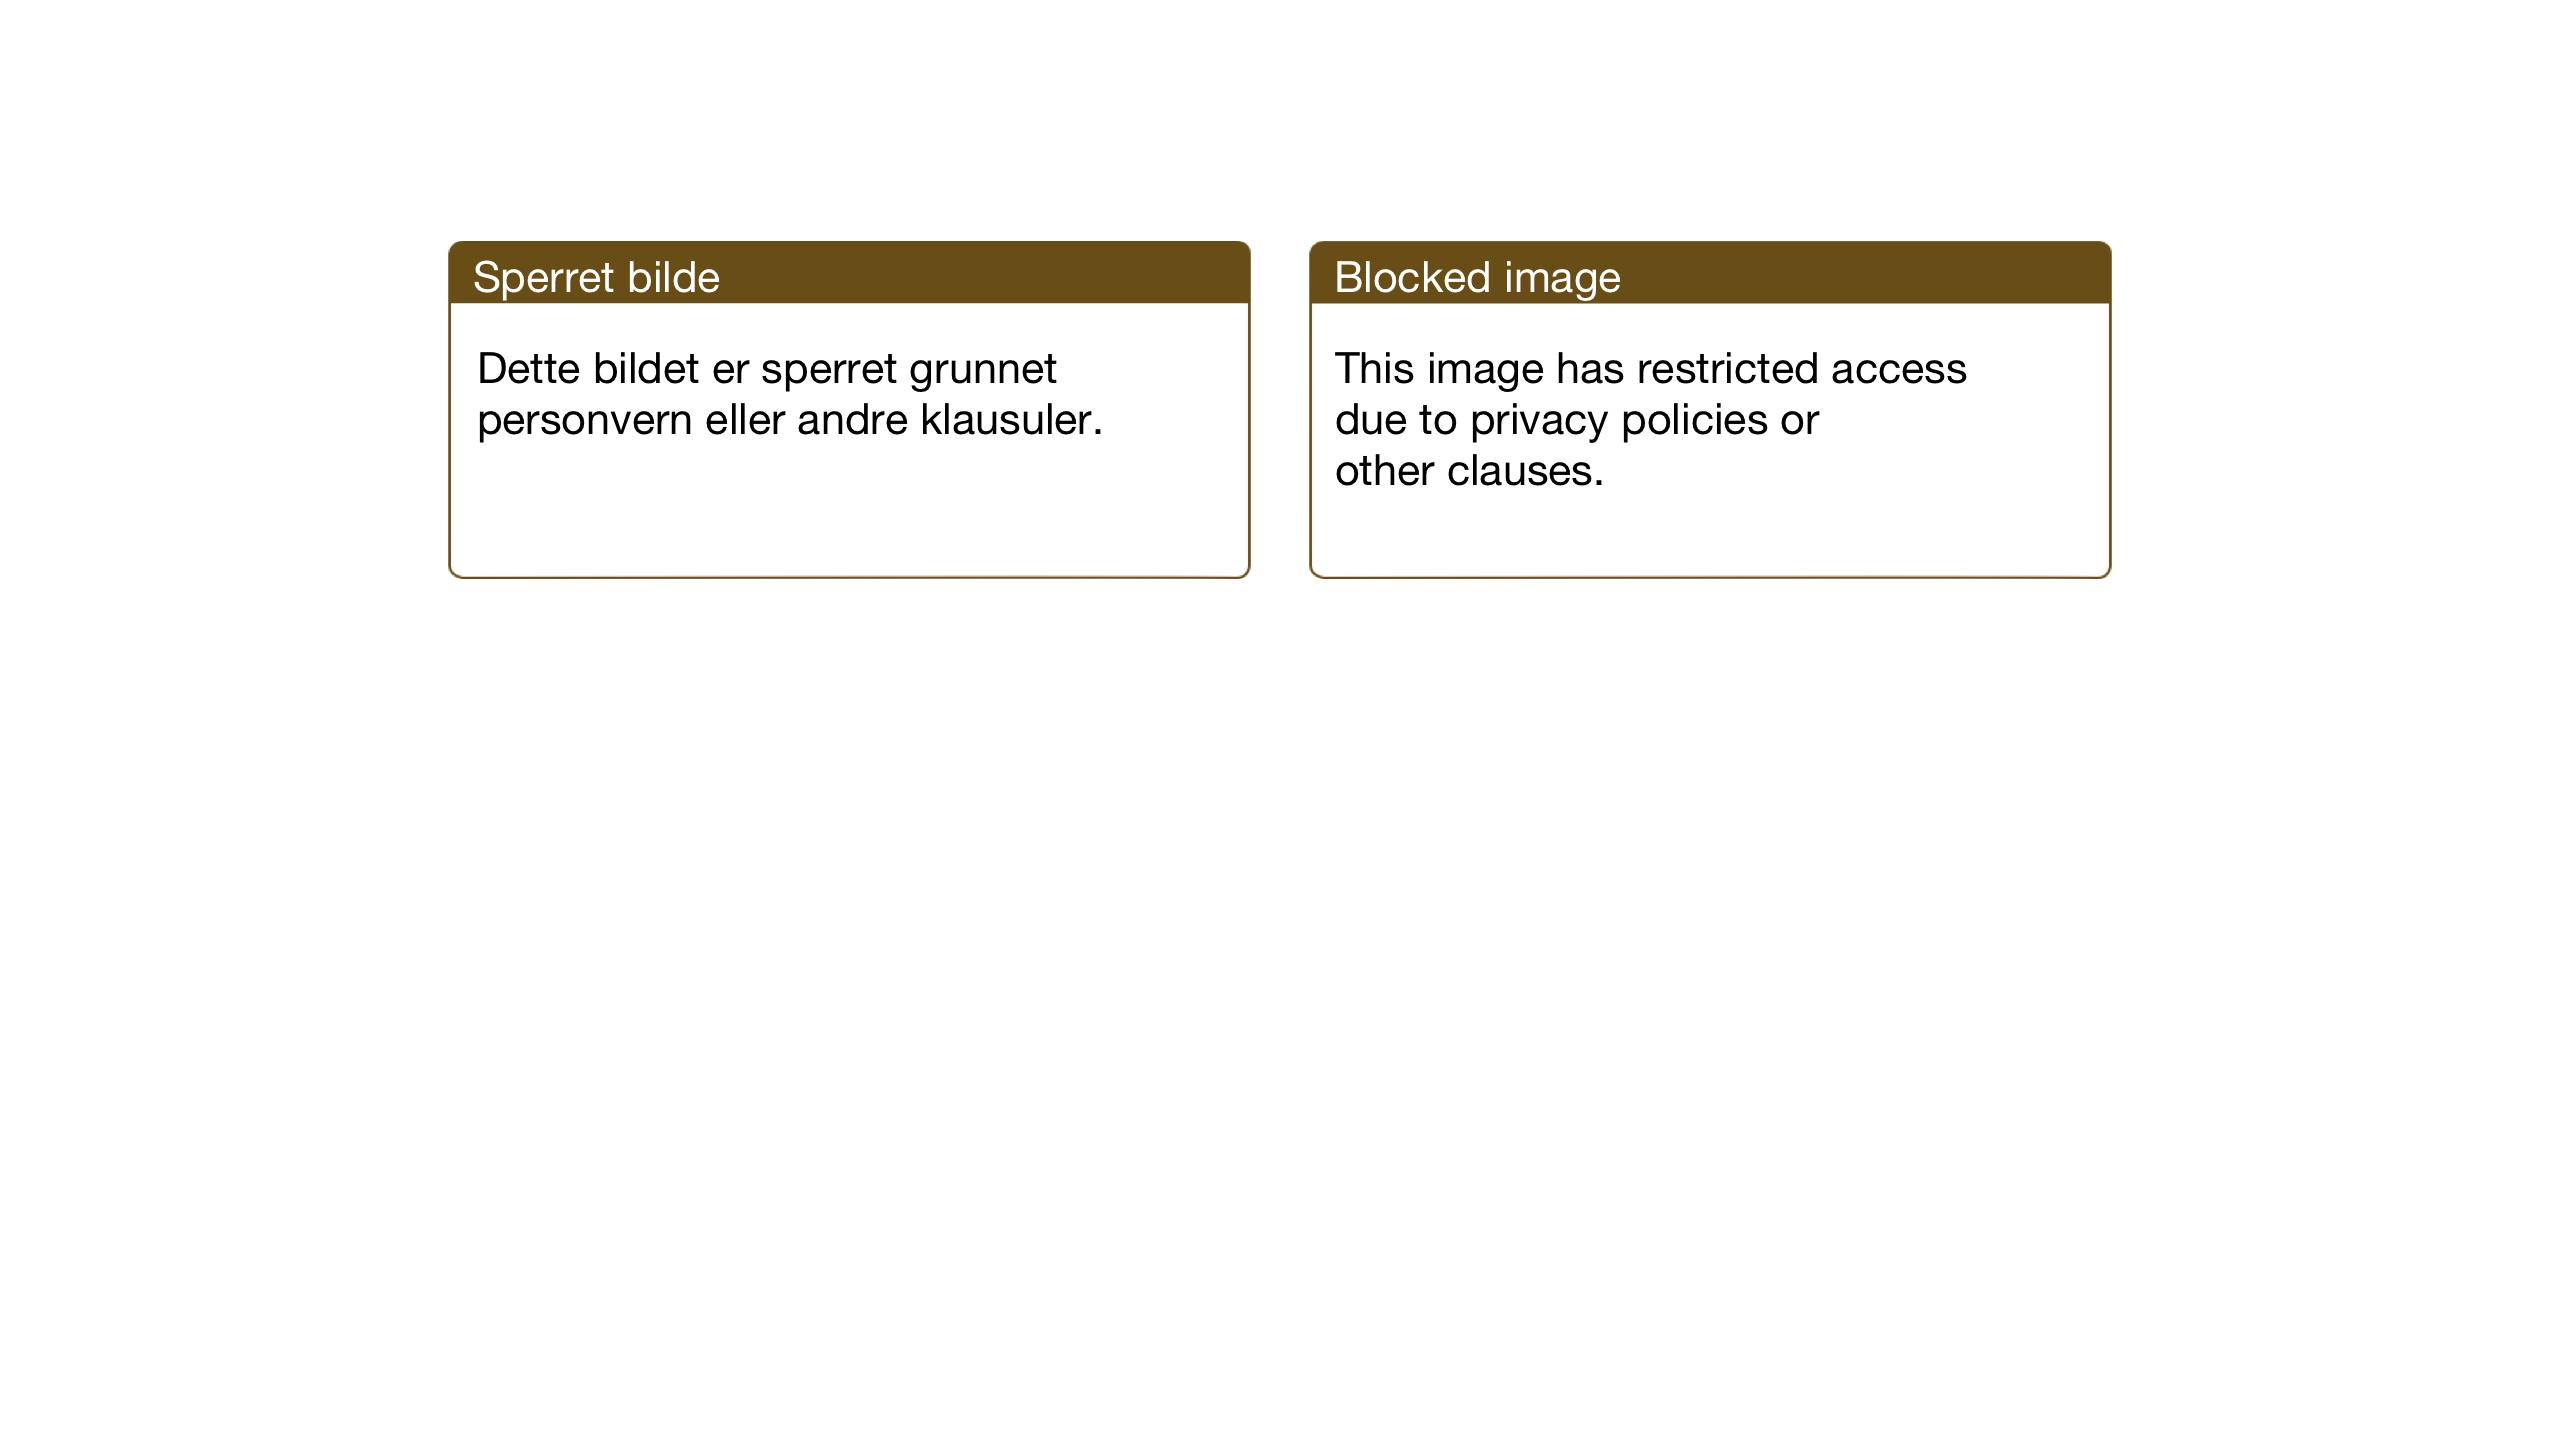 SAT, Ministerialprotokoller, klokkerbøker og fødselsregistre - Nord-Trøndelag, 755/L0500: Klokkerbok nr. 755C01, 1920-1962, s. 116